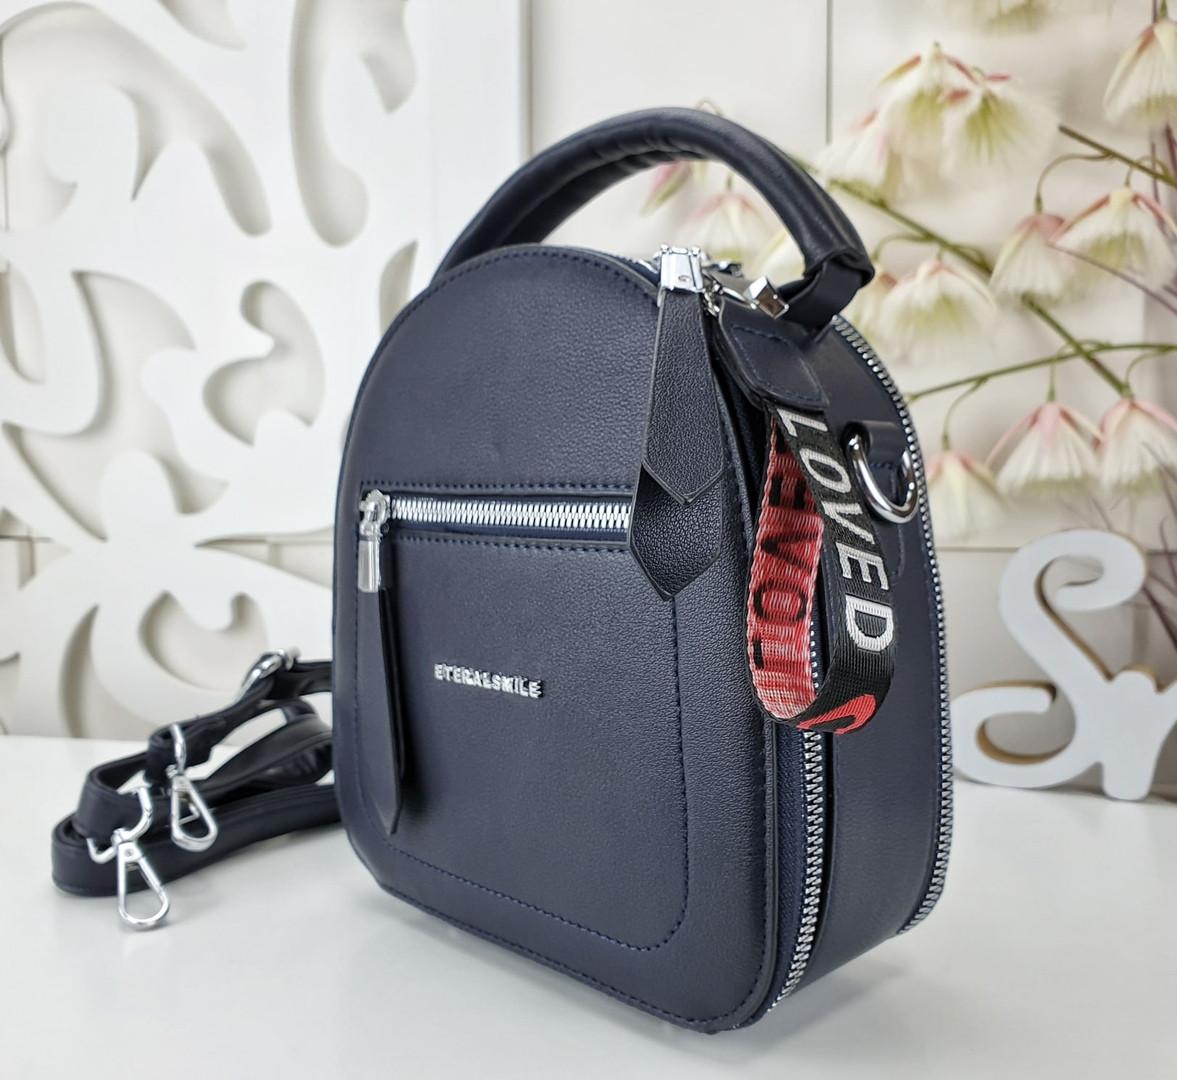 Женская сумка-клатч синего цвета, эко кожа